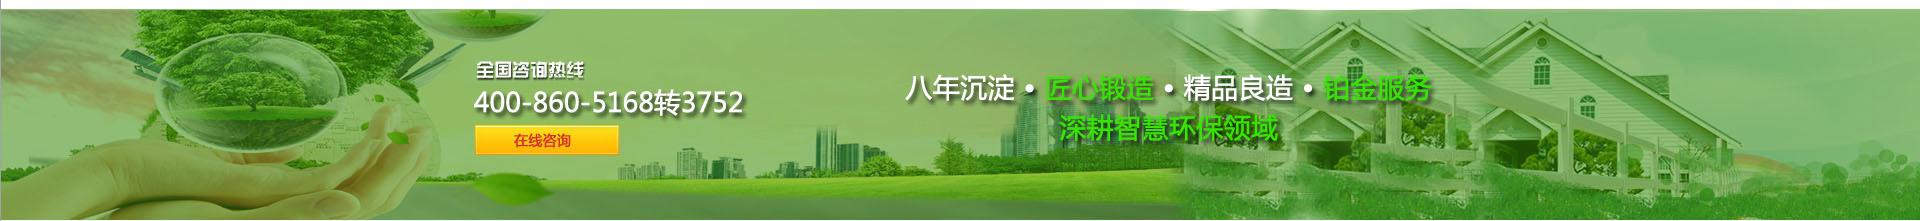 深圳市奧斯恩淨化技術有限公司